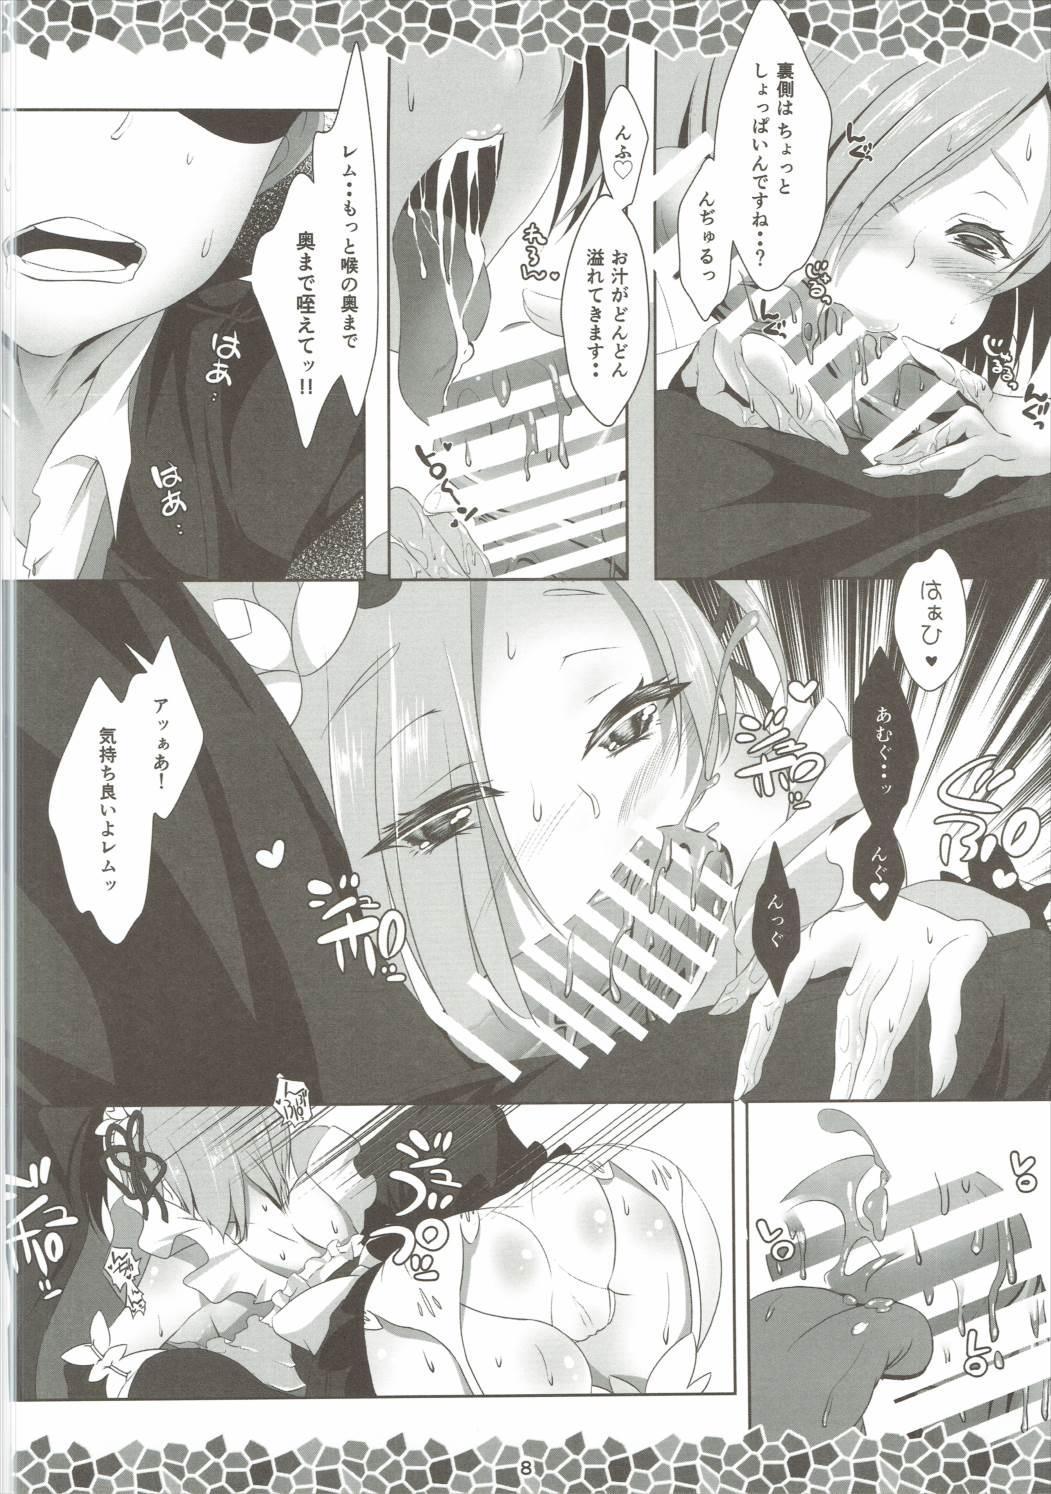 Re:Remu kara Hajimeru Orei no Orei 9